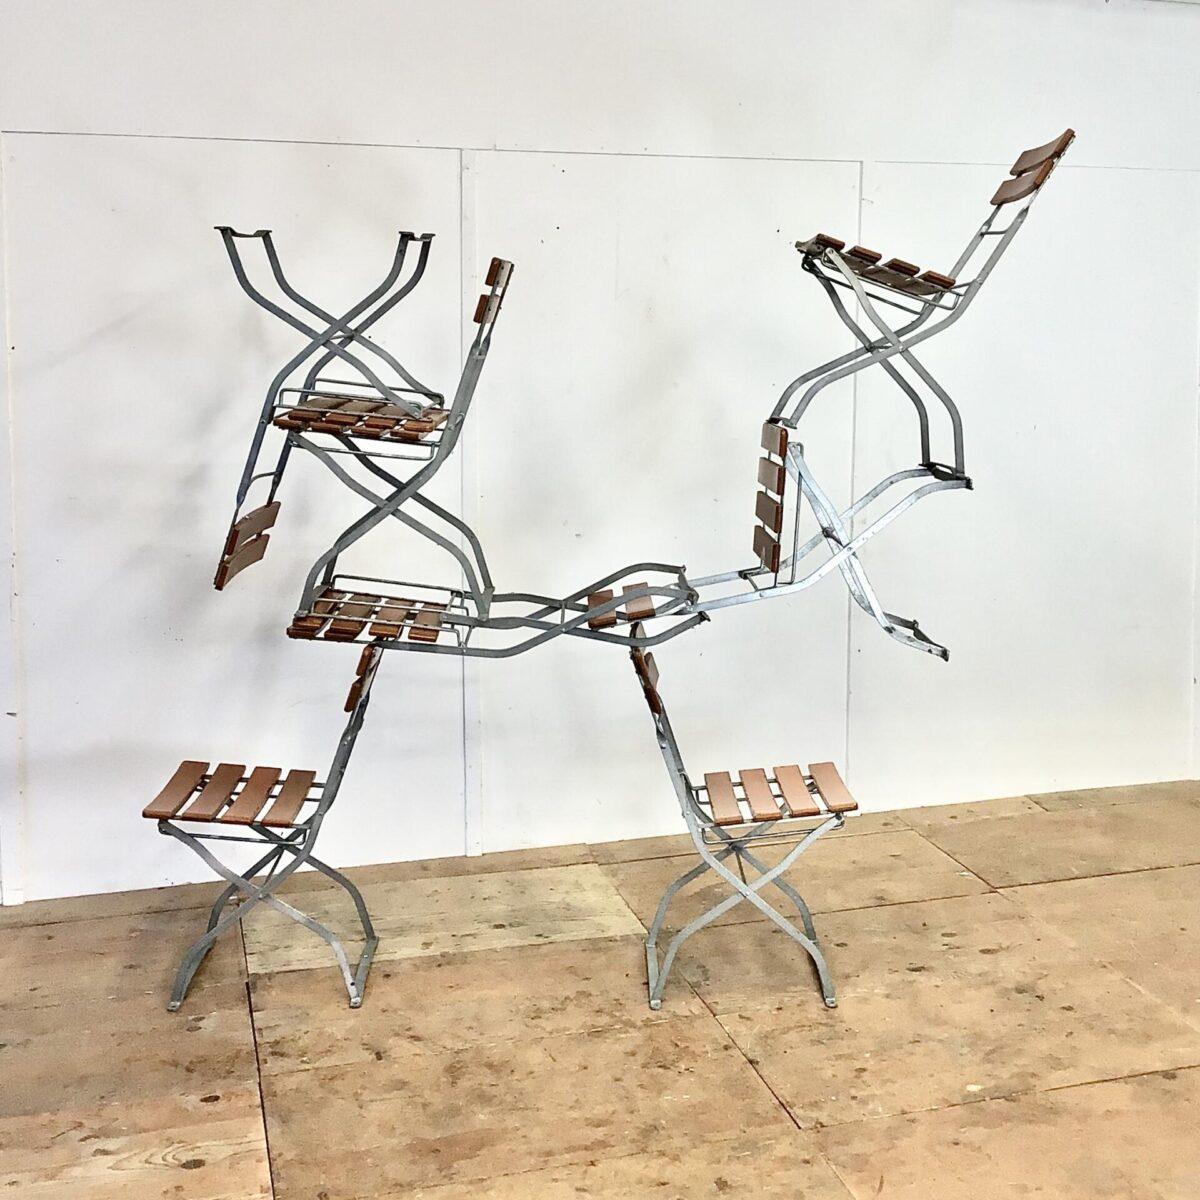 Deuxieme.shop Vintage Gartenstühle. 52 Biergartenstühle 10 stk. mit feuerverzinktem Gestell. Die Grünen sind 40.- pro Stück. Die Holzlatten sind teilweise an den Kanten leicht verwittert, das Holz ist jedoch gesund. Die Metallgestelle sind in gutem Zustand, auch das zusammen klappen funktioniert einwandfrei.